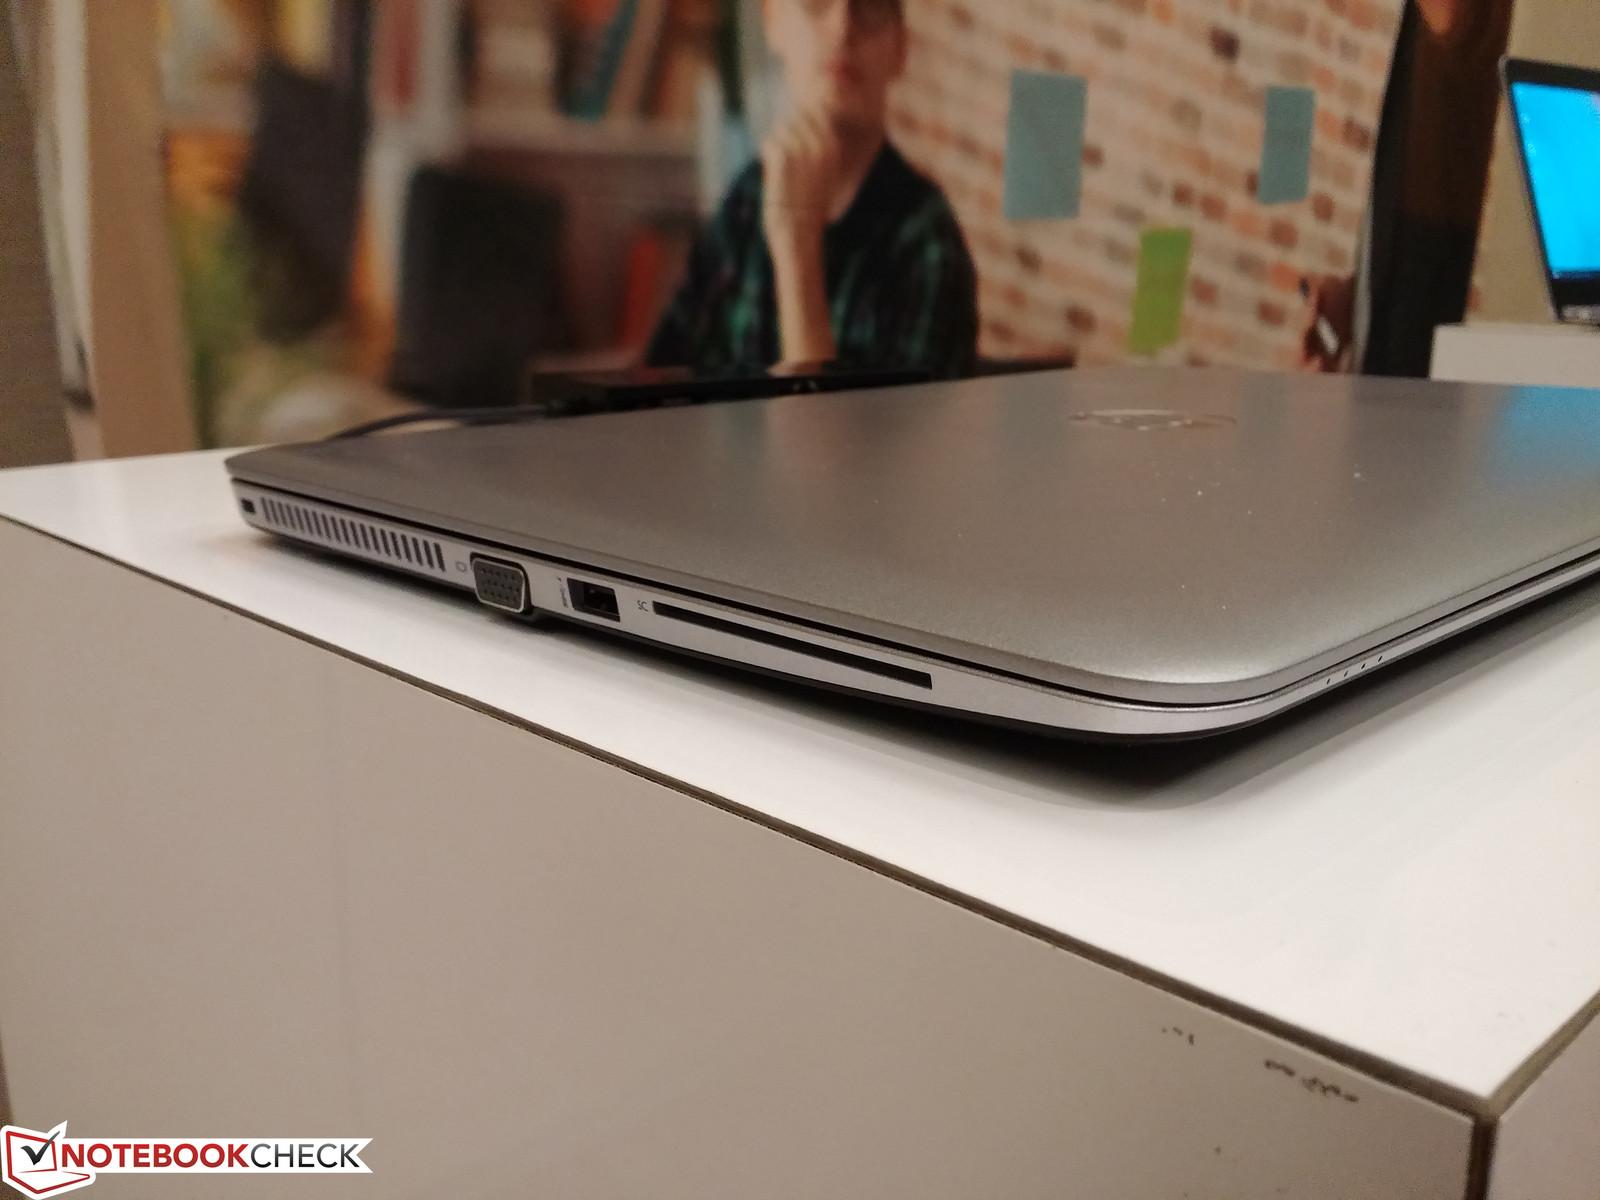 HP Aktualisiert EliteBook 800 Reihe Mit Dem 820 840 Und